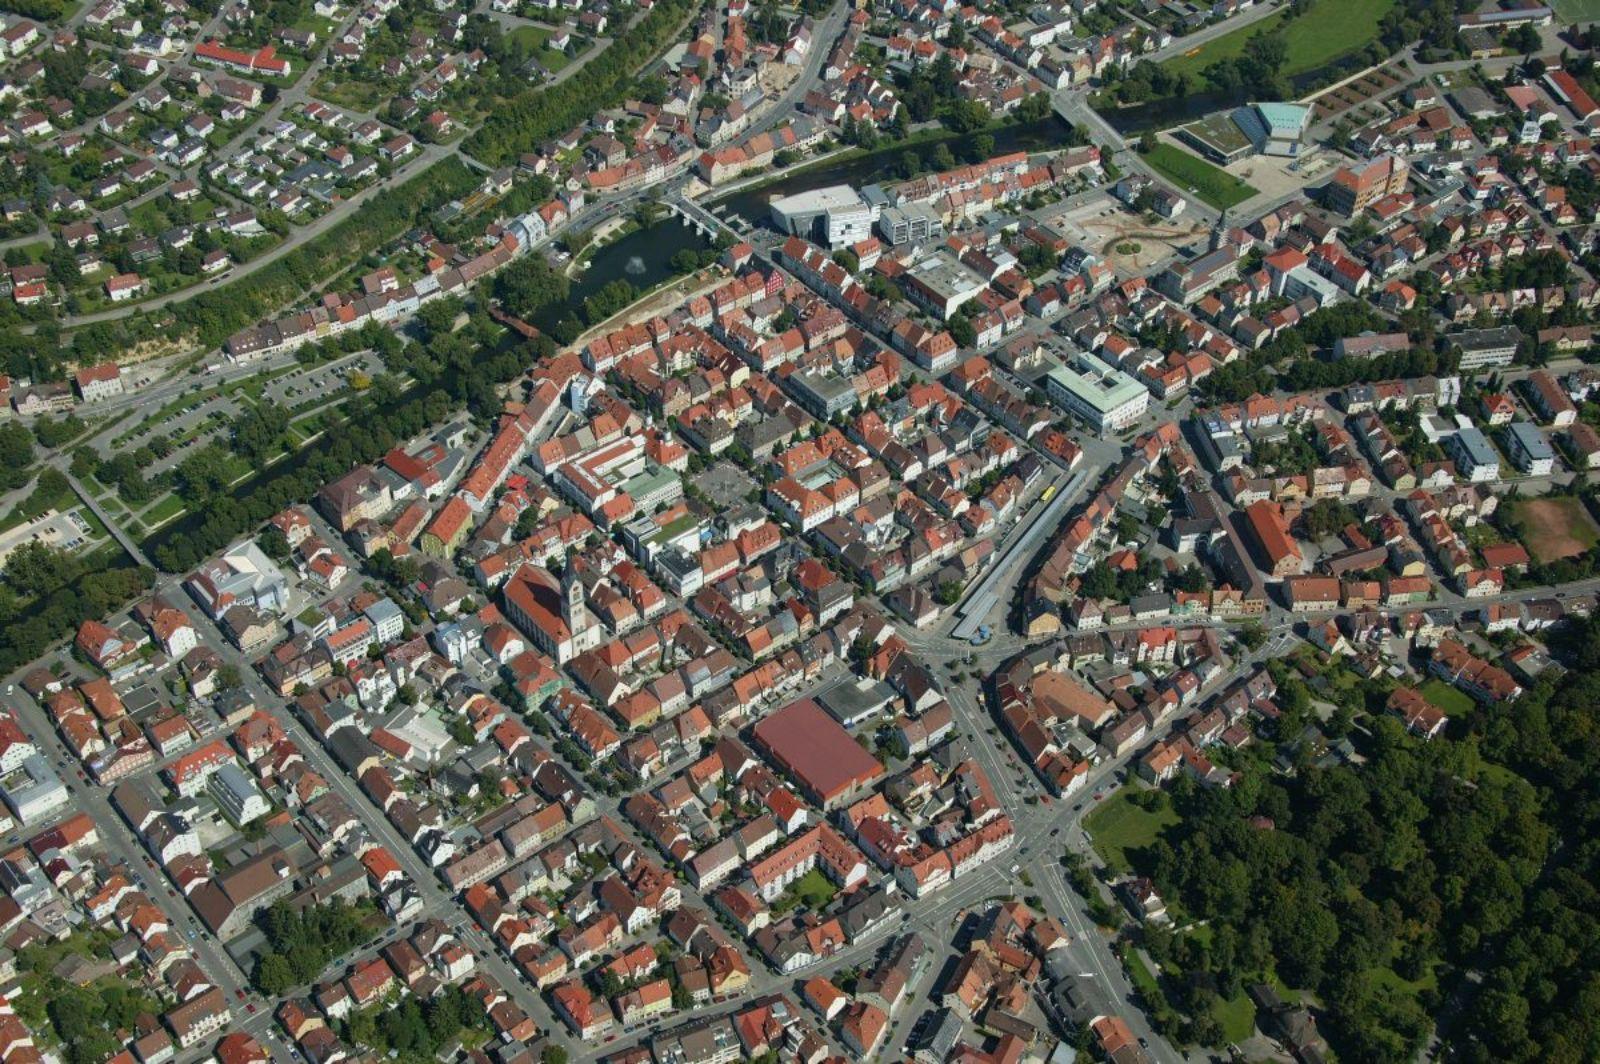 Luftbild des Stadtkerns